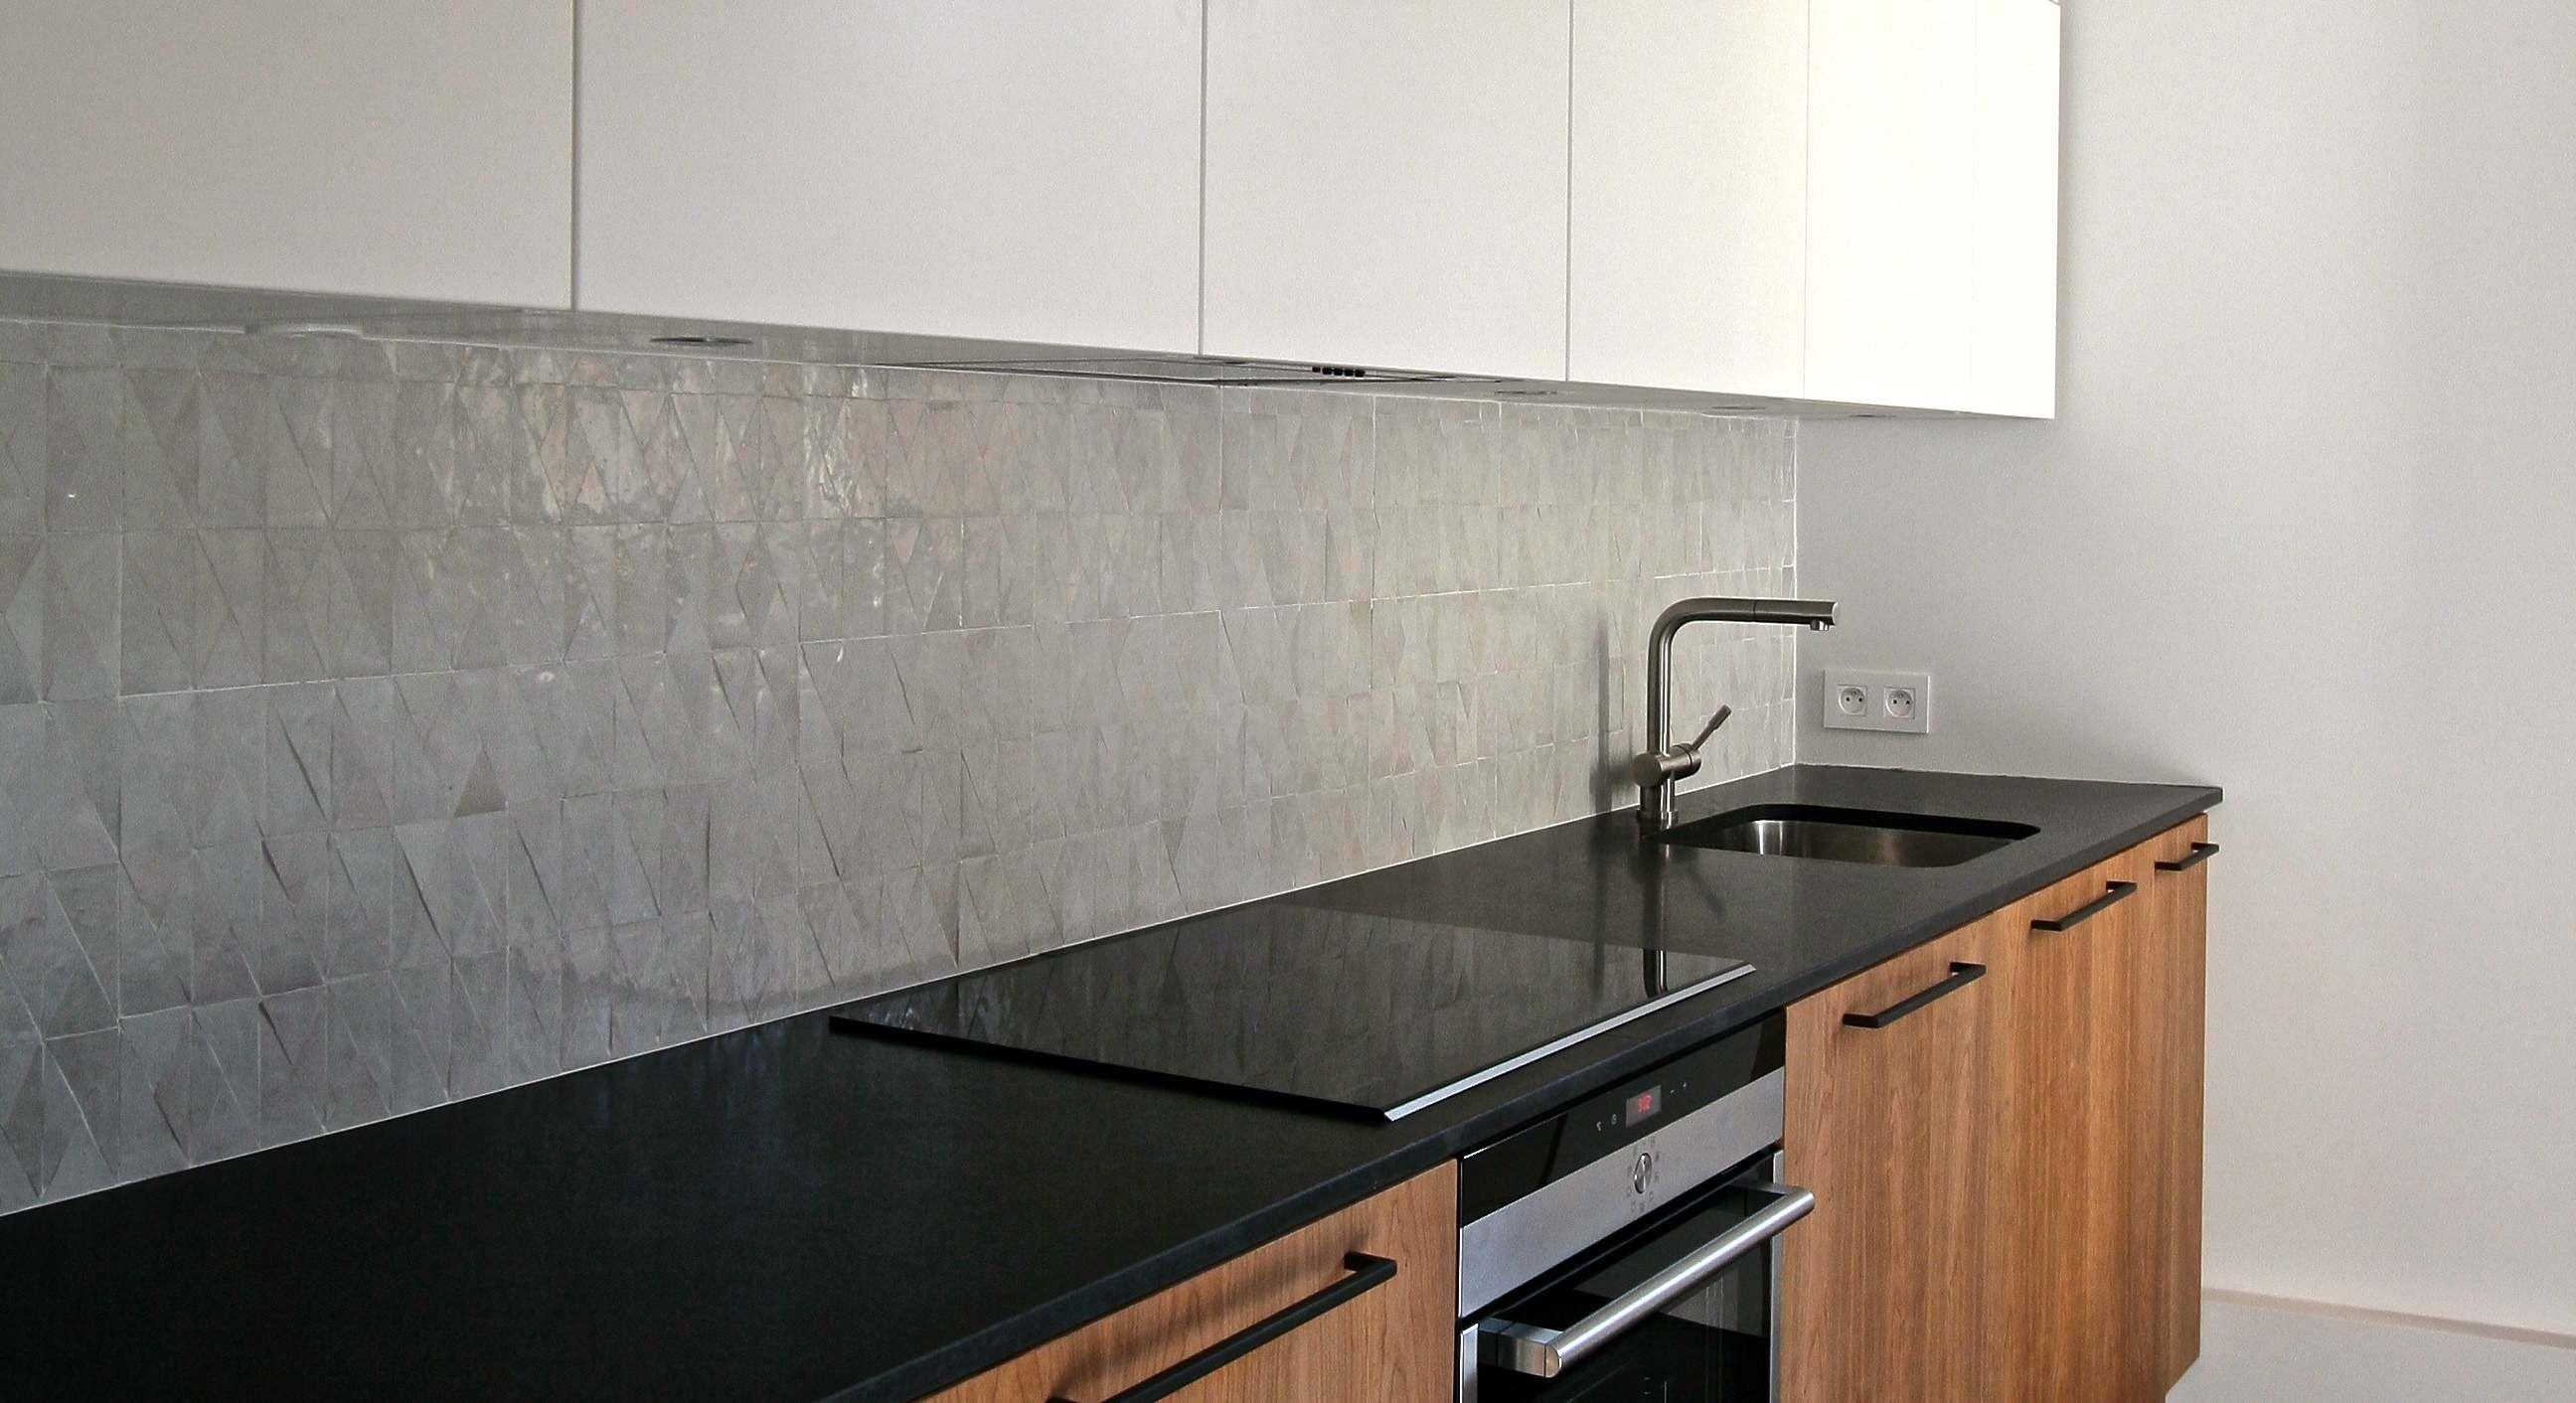 les ateliers zelij cr ateurs de surface 7 pinterest cr atif atelier et cuisine. Black Bedroom Furniture Sets. Home Design Ideas